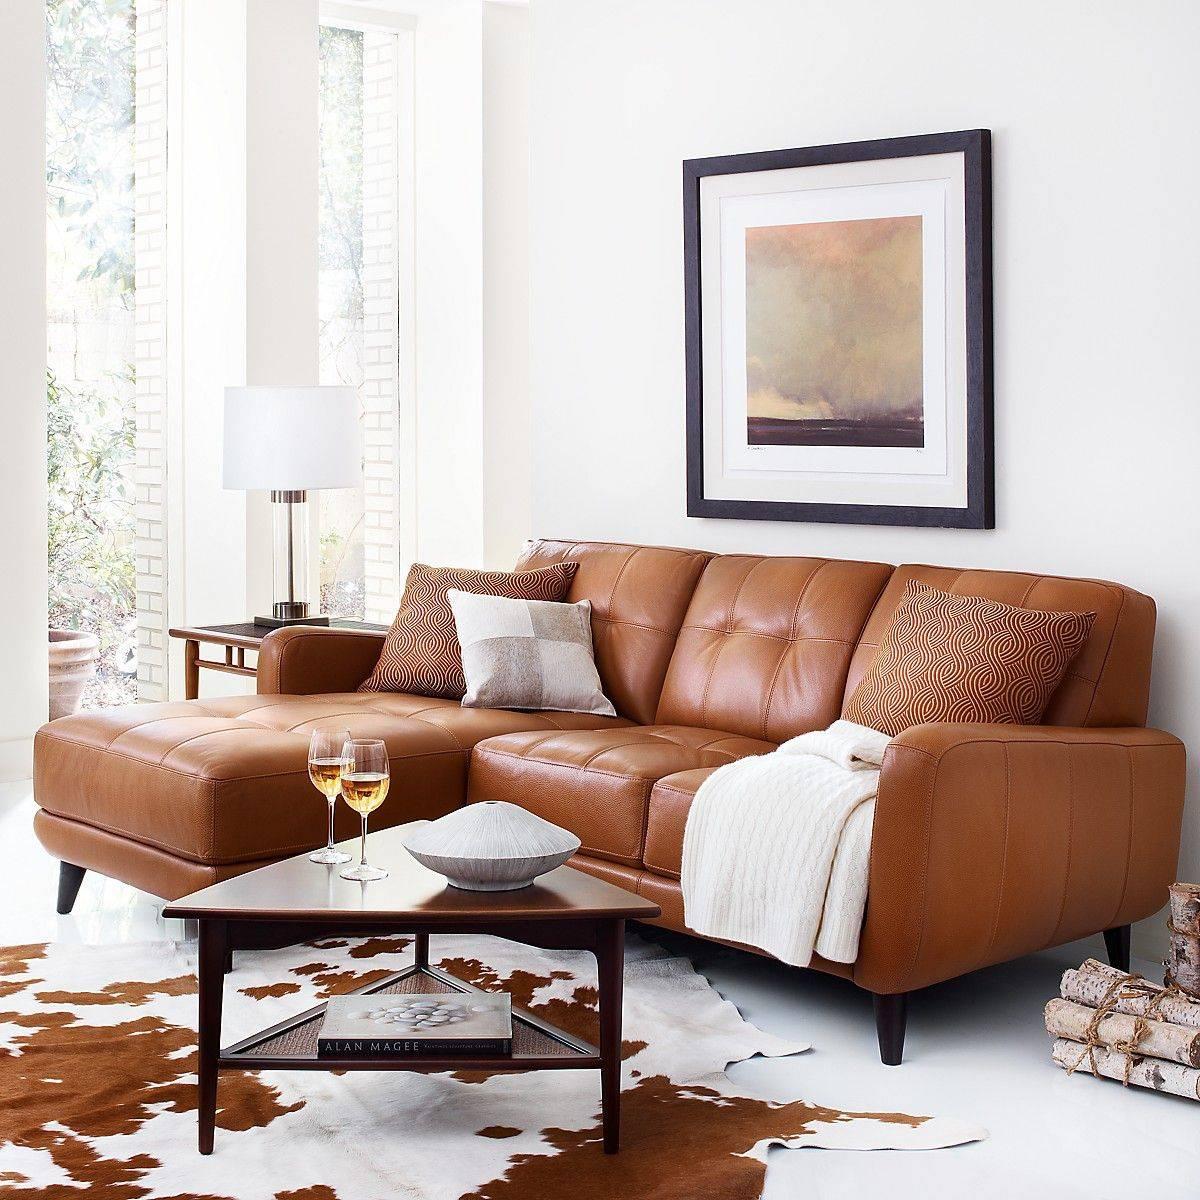 Ruang tamu dengan palet warna coklat